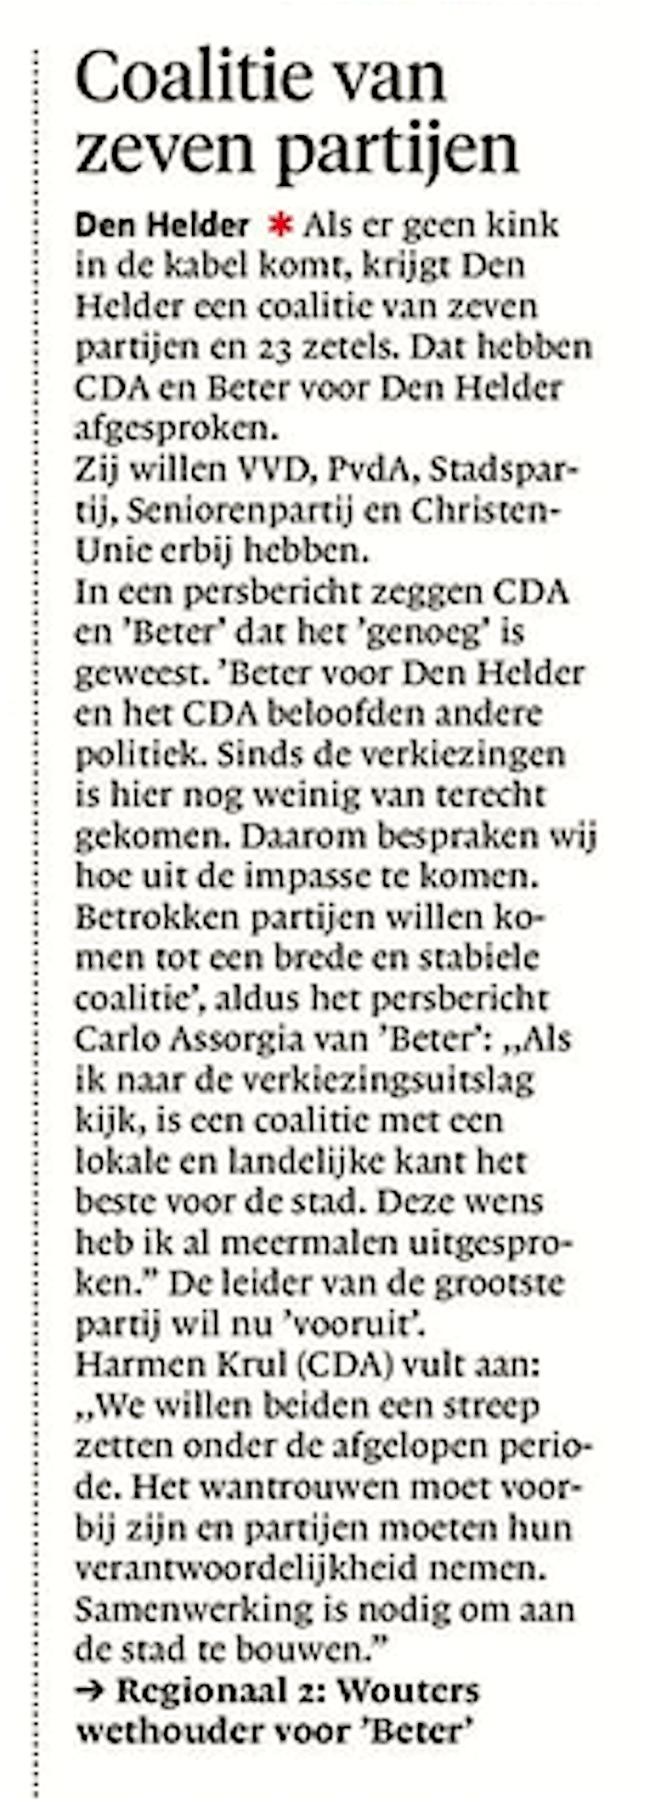 Delano Weltevreden - Coalitie van zeven partijen, Helderse Courant, 12 mei 2018